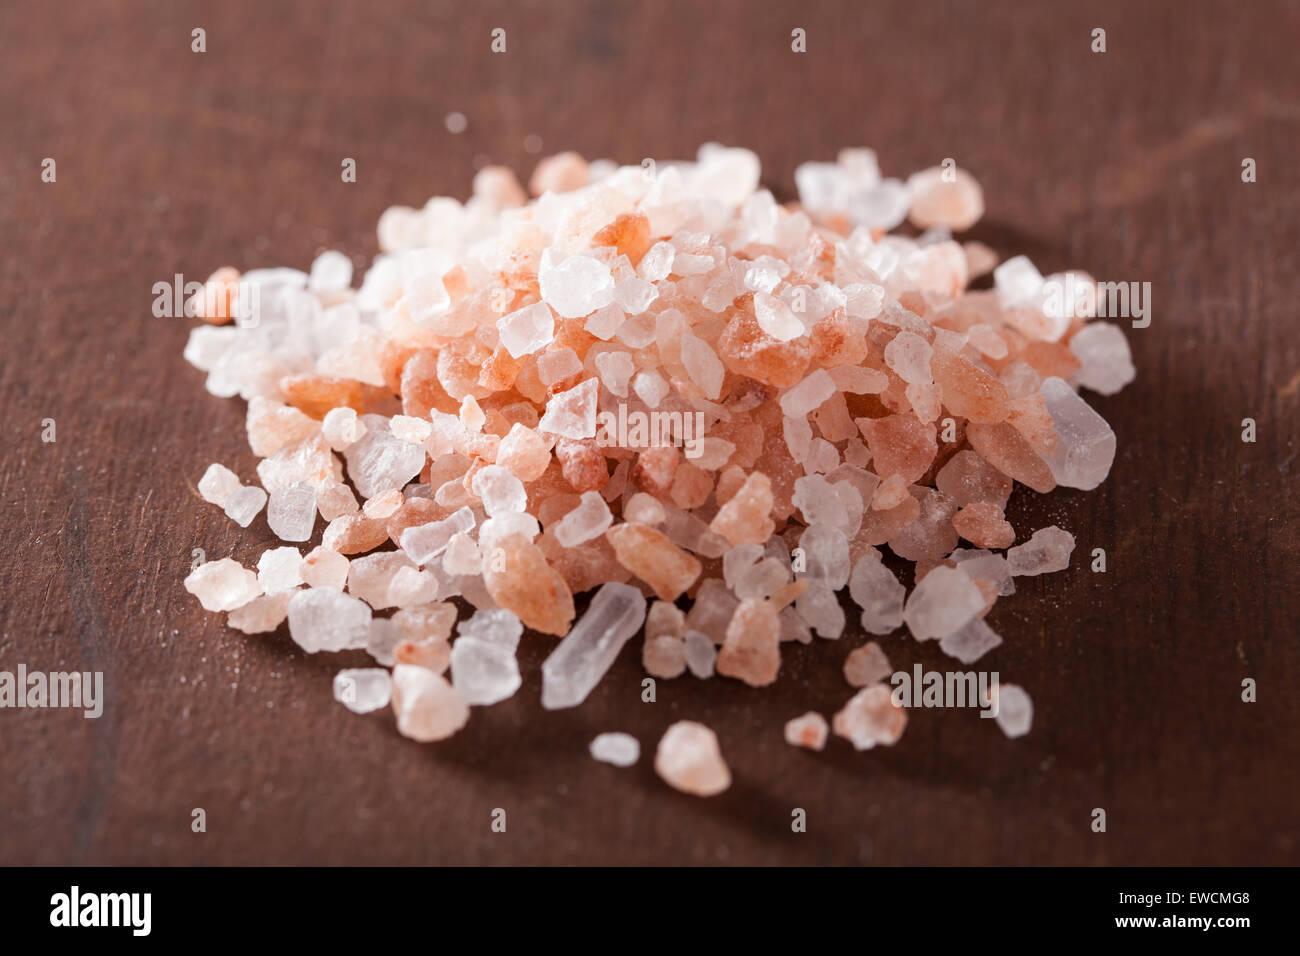 pink himalayan salt - Stock Image